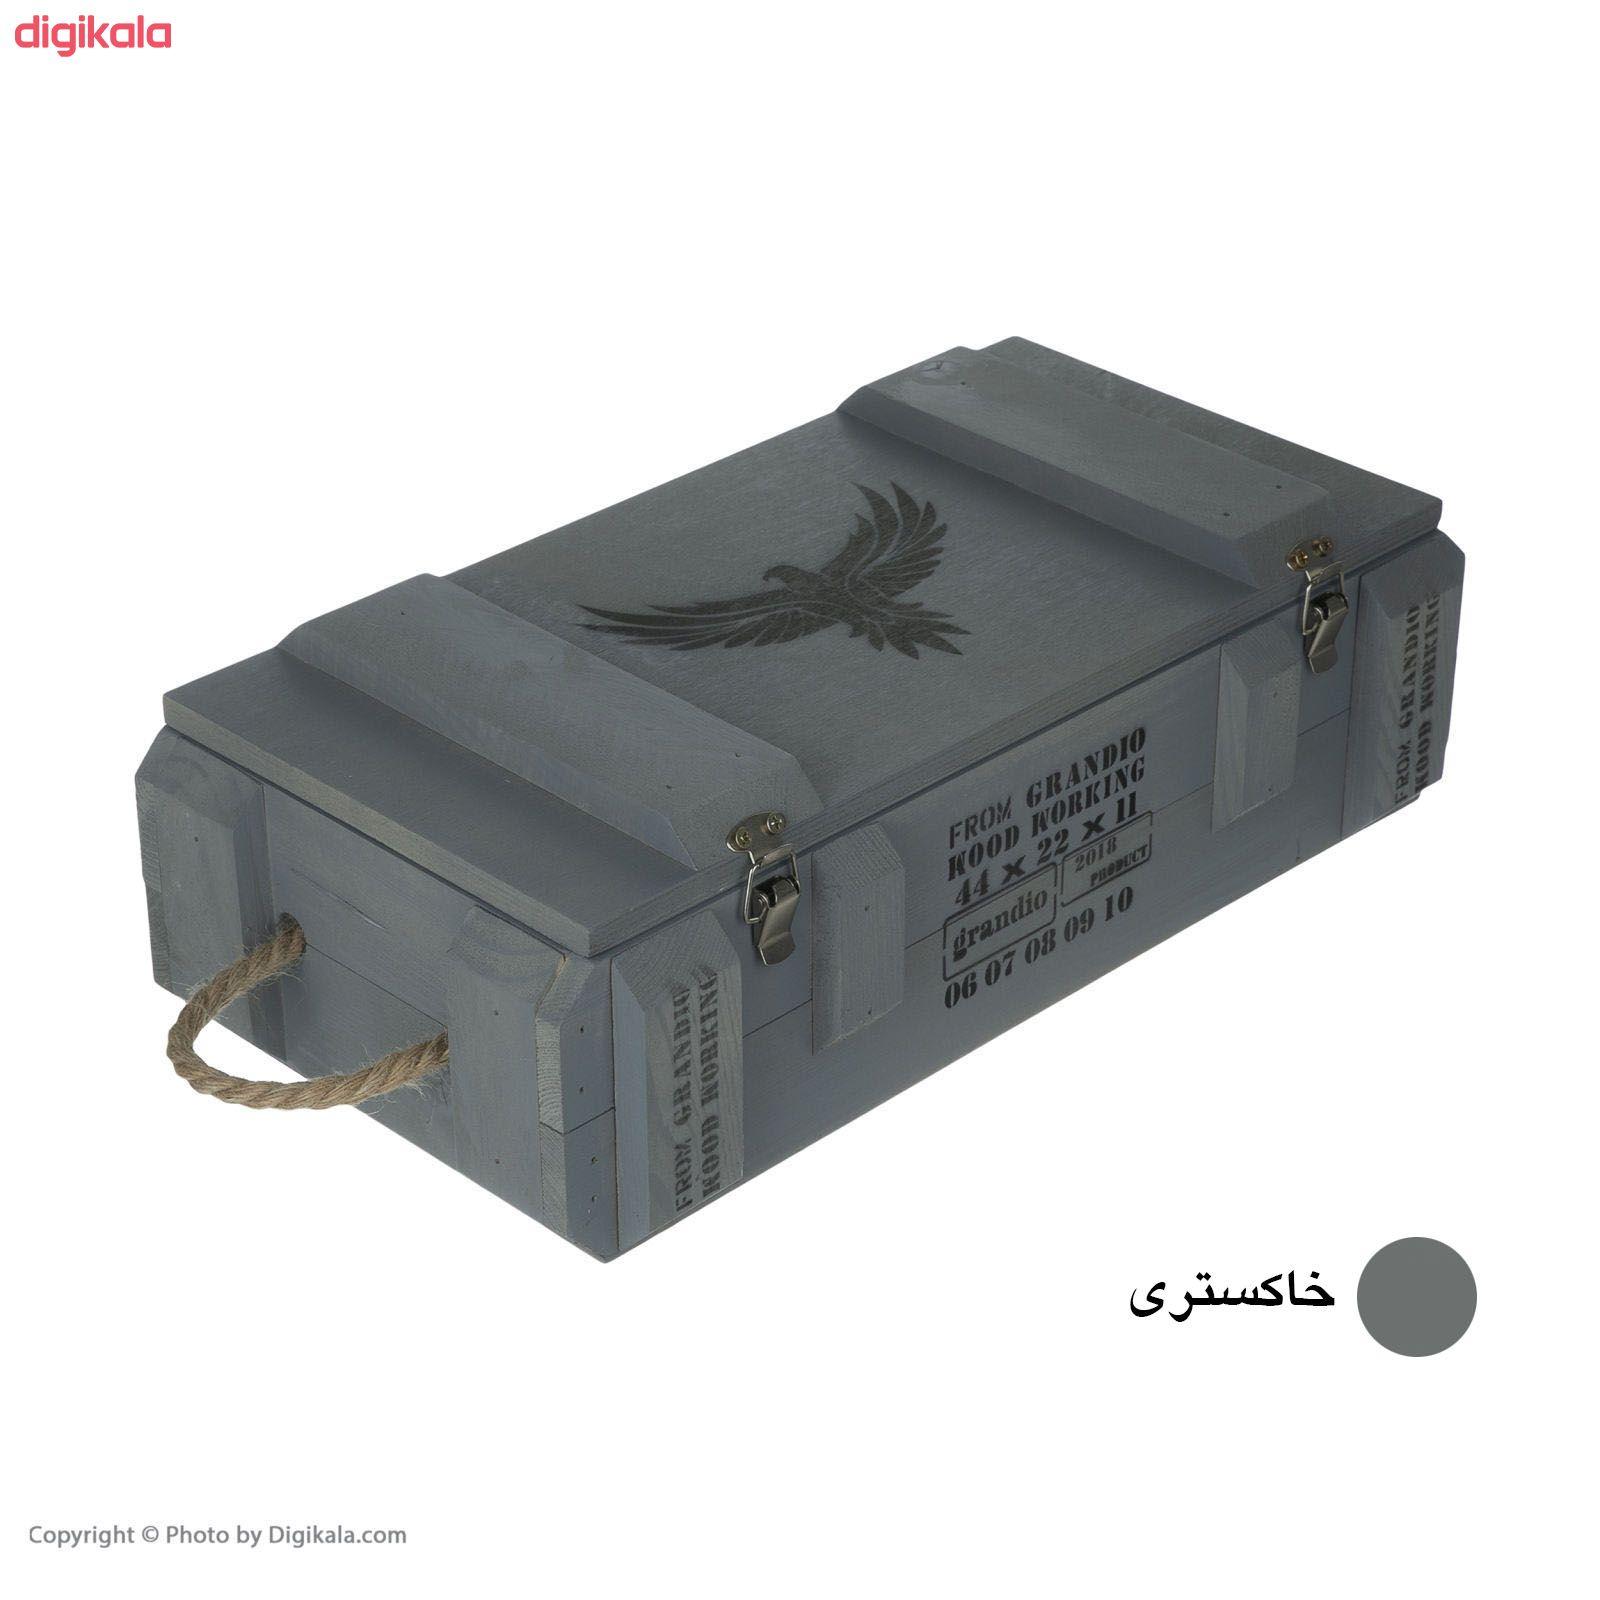 جعبه هدیه طرح جعبه مهمات مدل m33 main 1 9